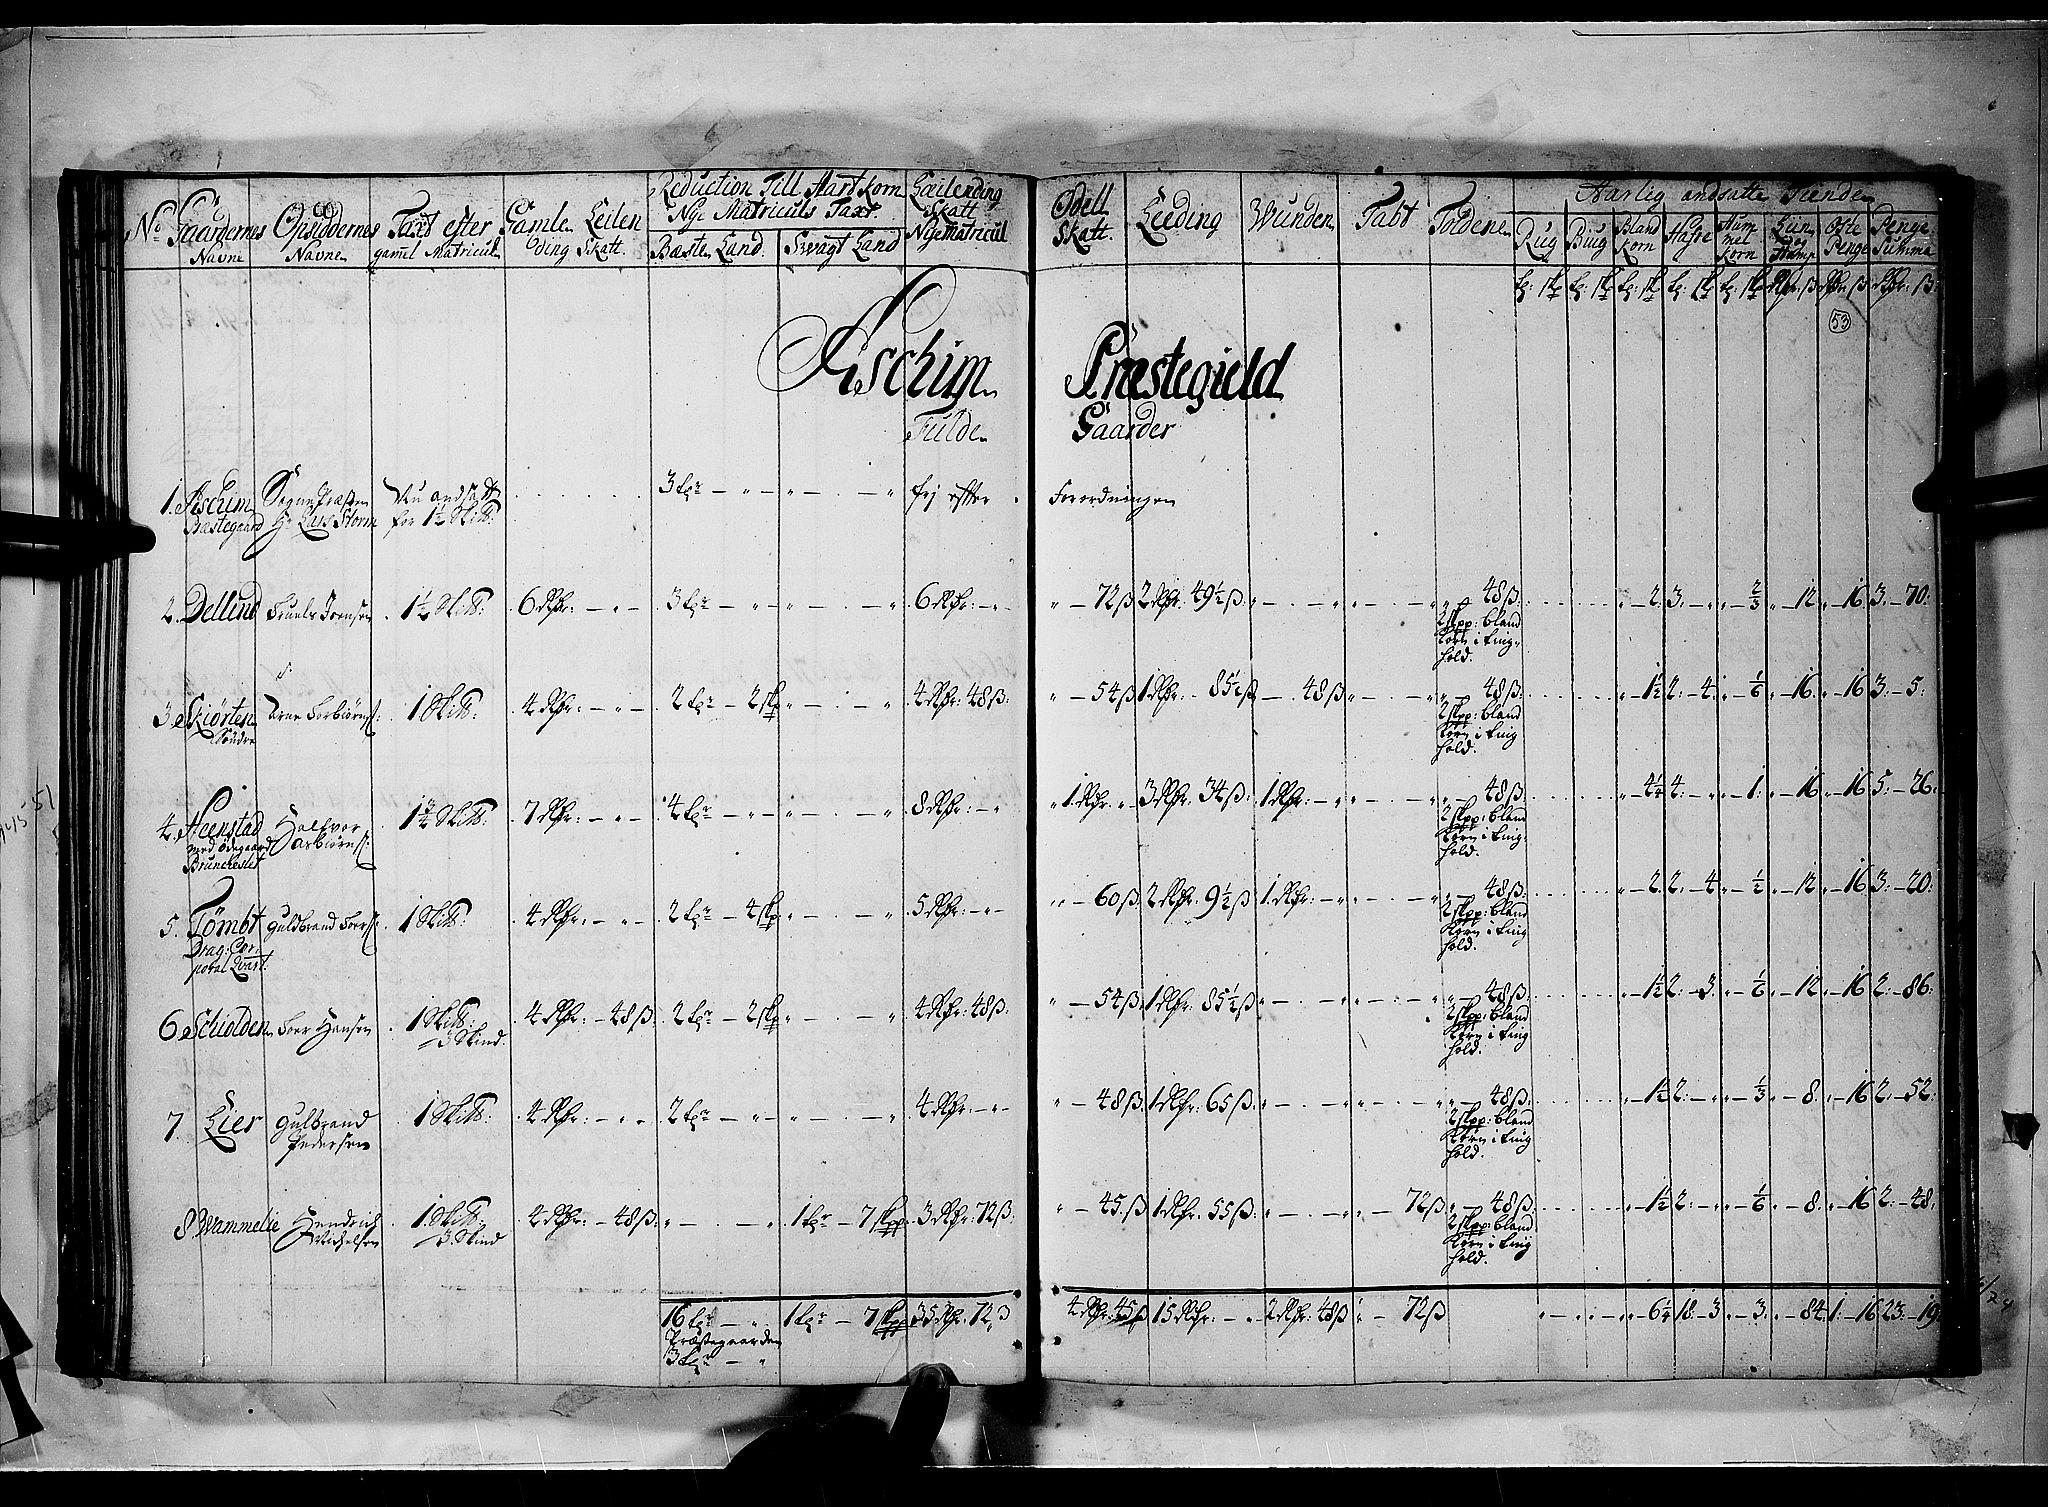 RA, Rentekammeret inntil 1814, Realistisk ordnet avdeling, N/Nb/Nbf/L0100: Rakkestad, Heggen og Frøland matrikkelprotokoll, 1723, s. 52b-53a